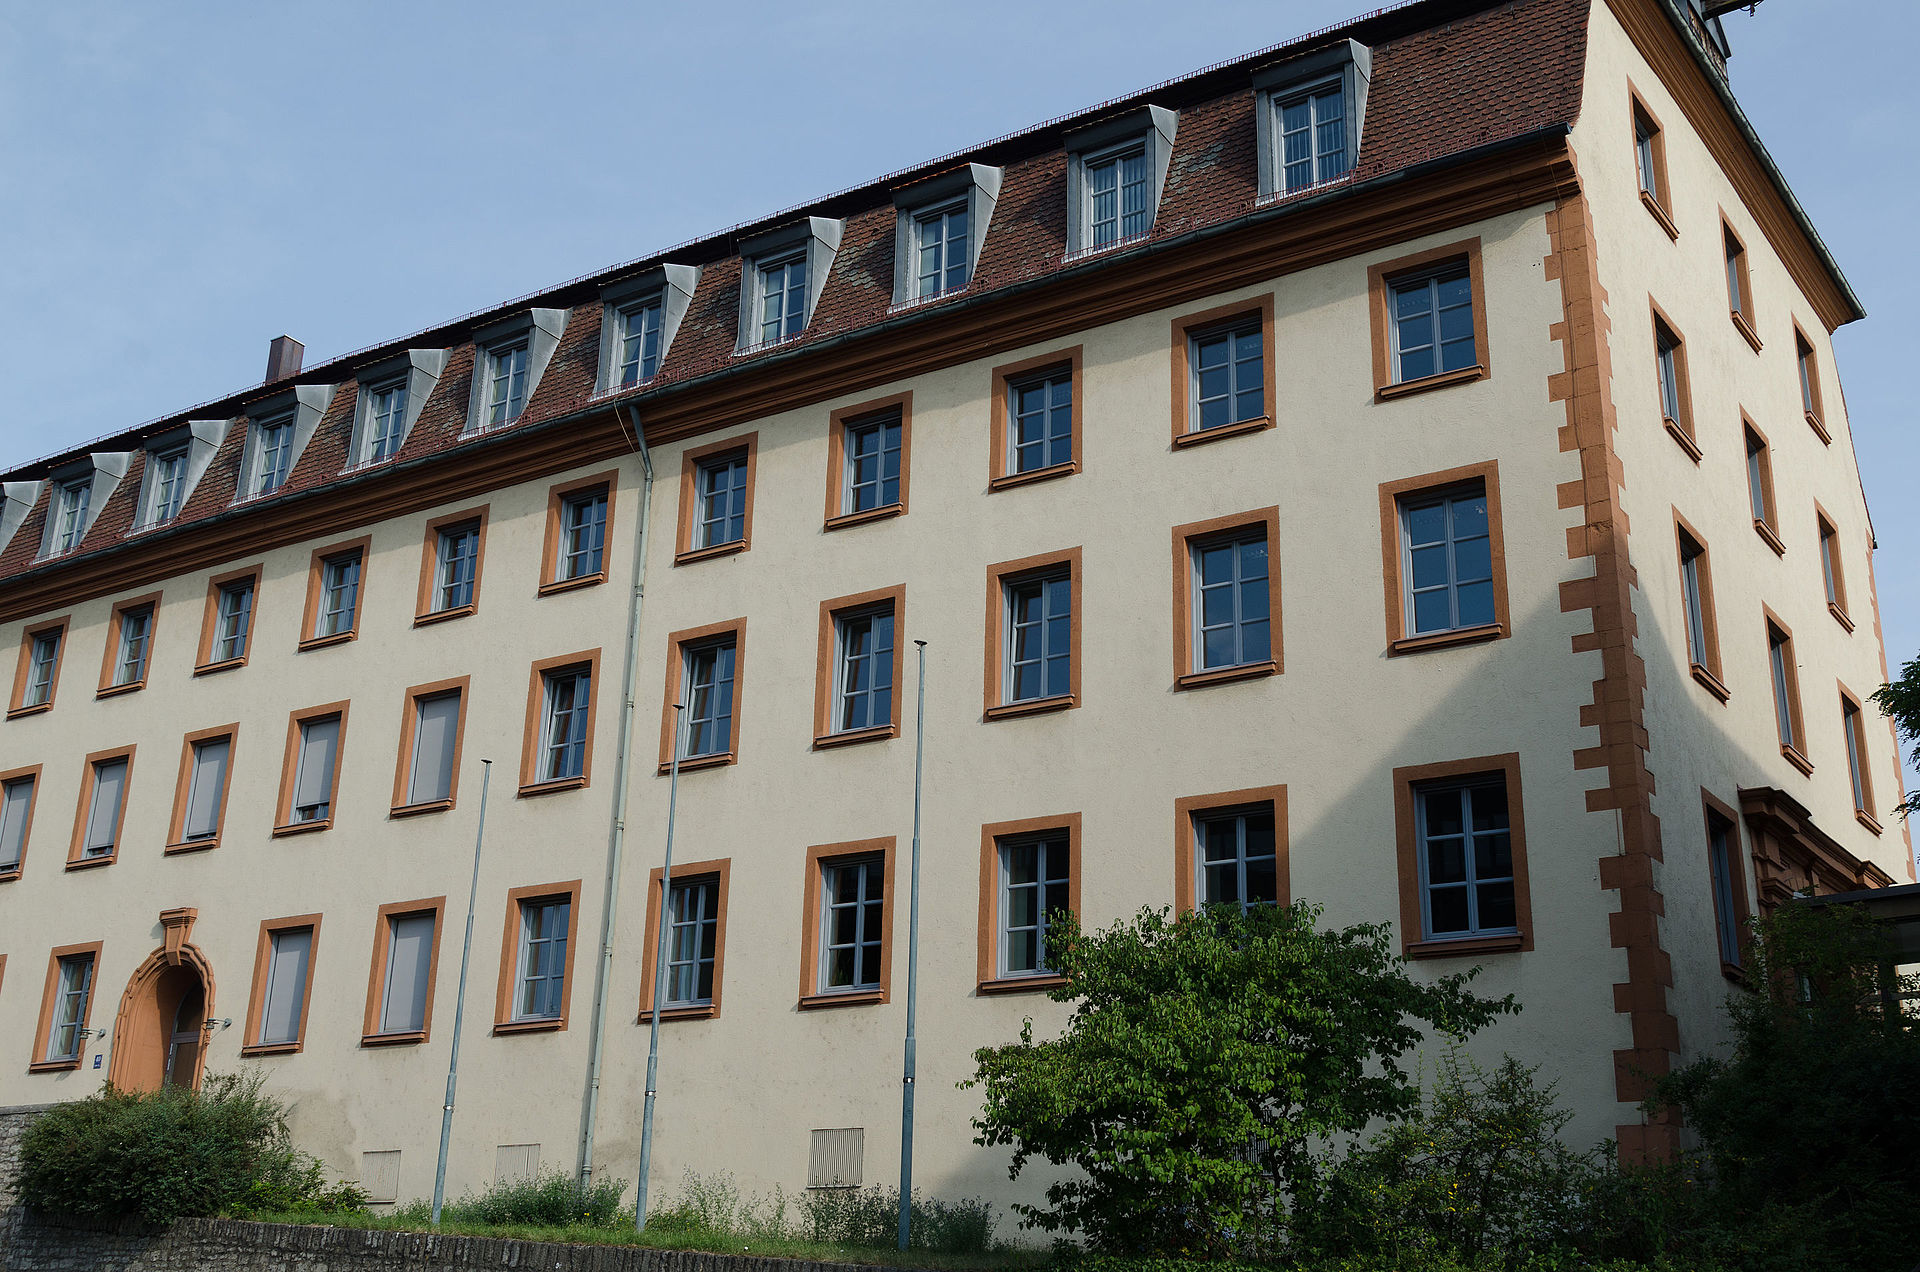 balthasar neumann in w rzburg. Black Bedroom Furniture Sets. Home Design Ideas